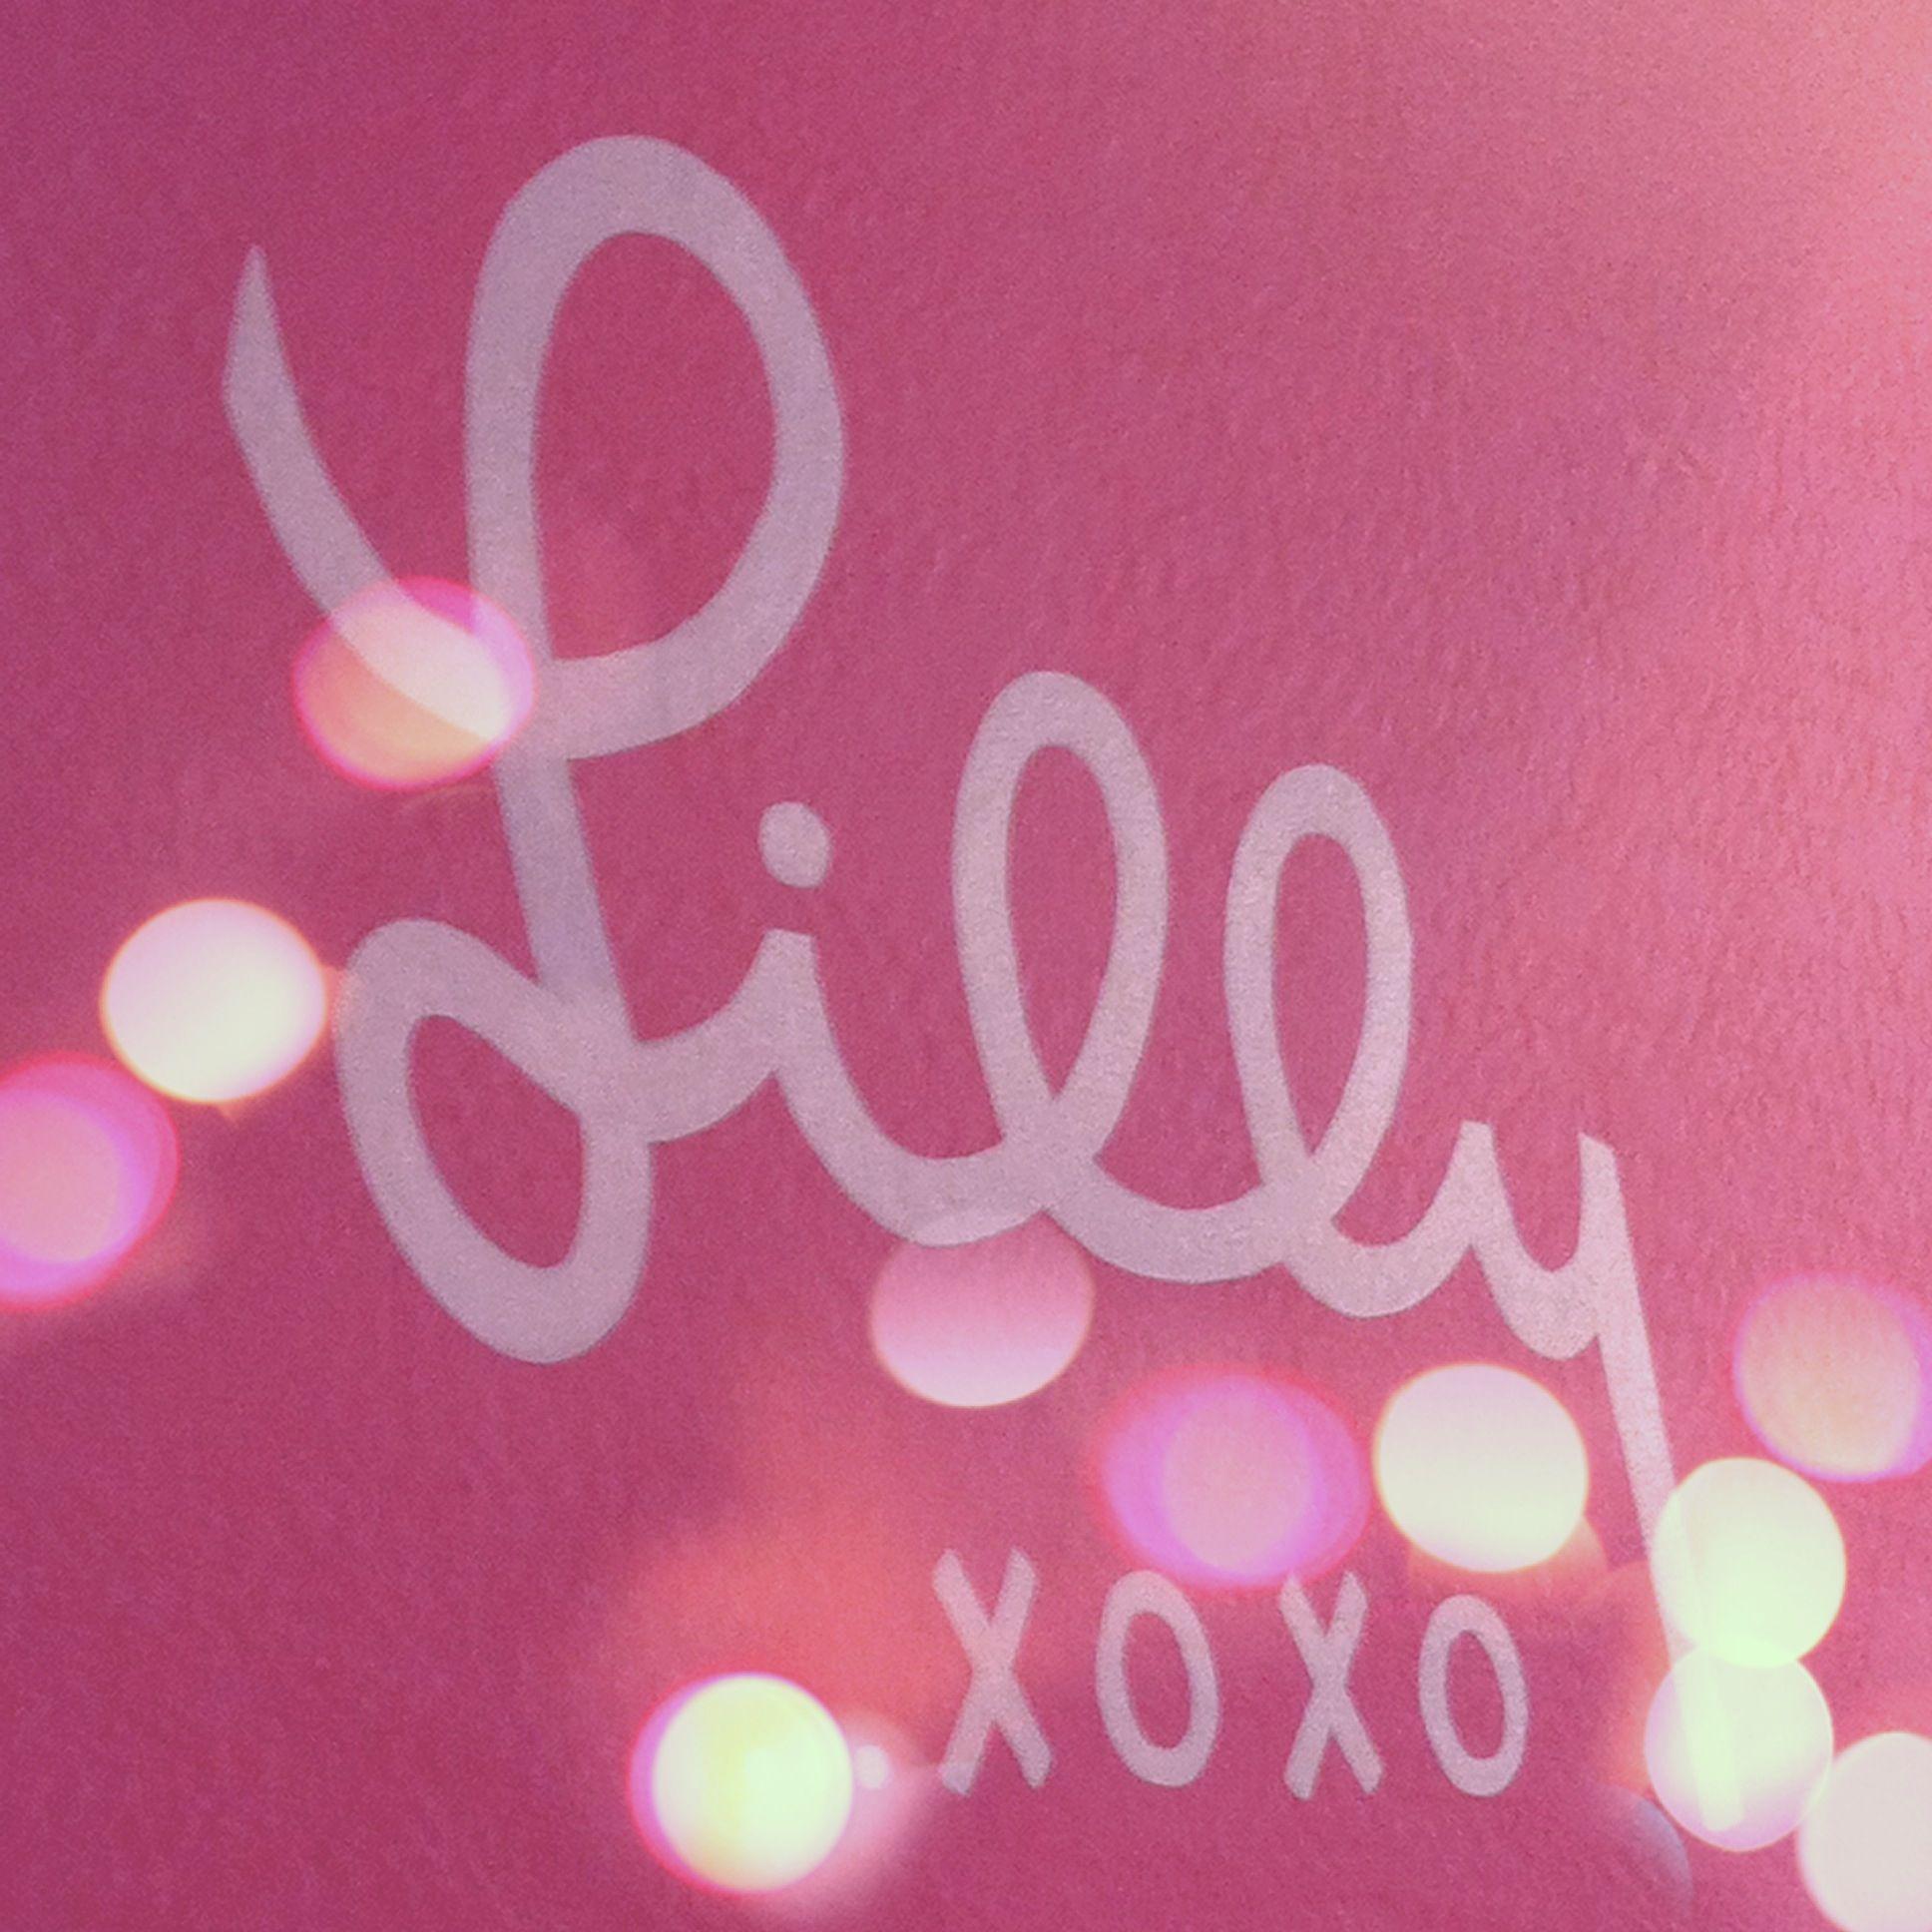 Lilly xoxo